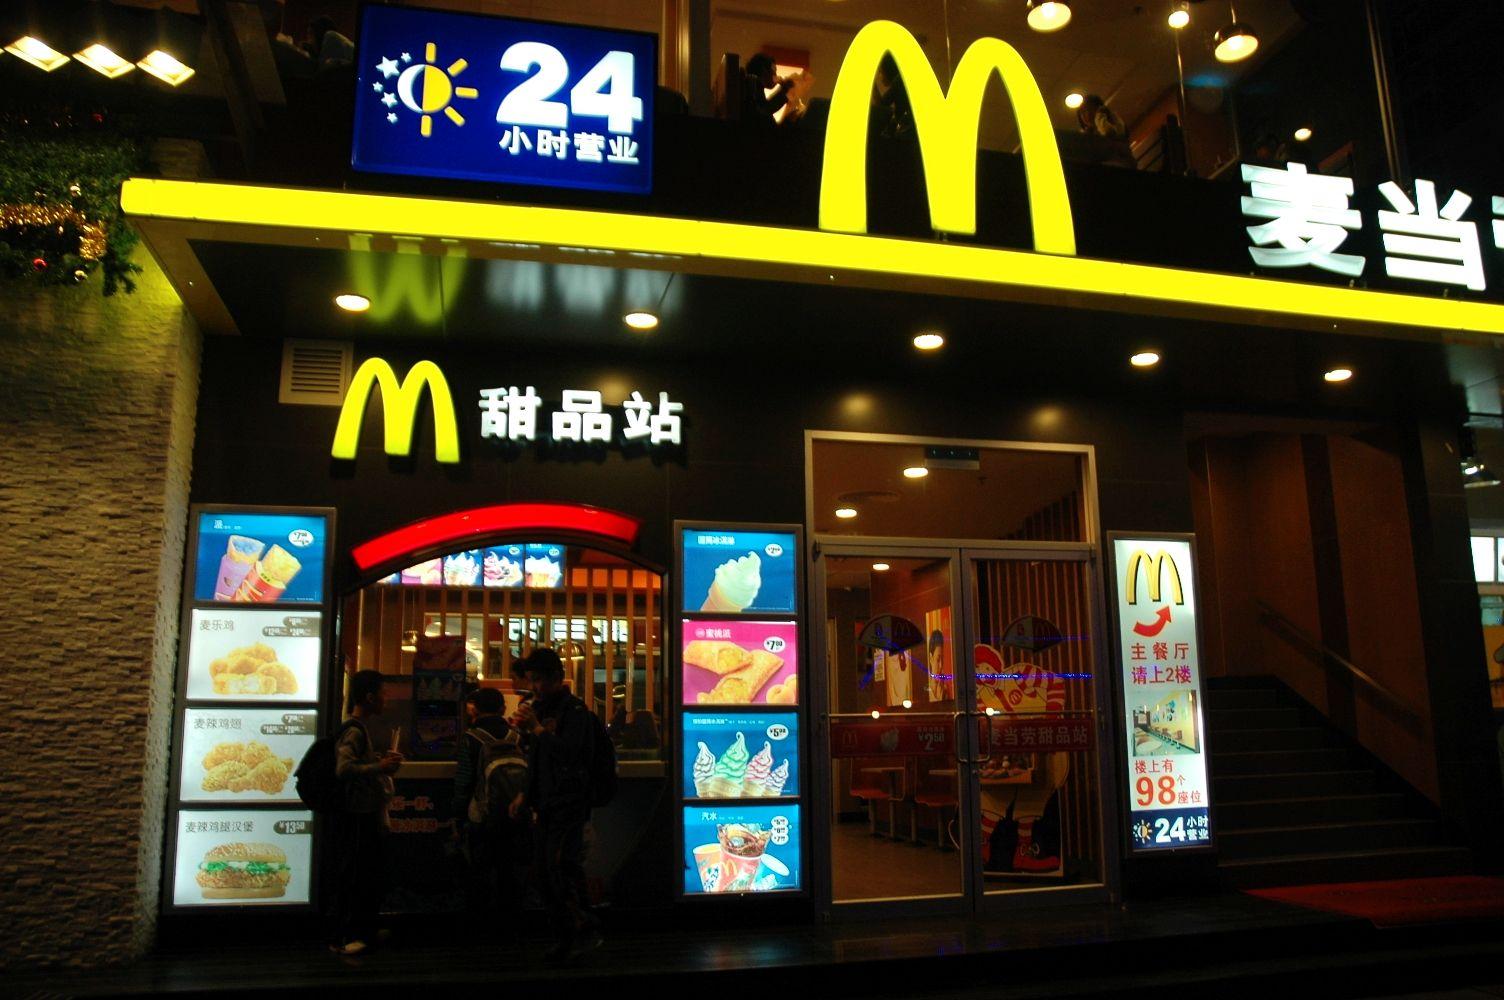 开一家小型麦当劳加盟店要多少钱